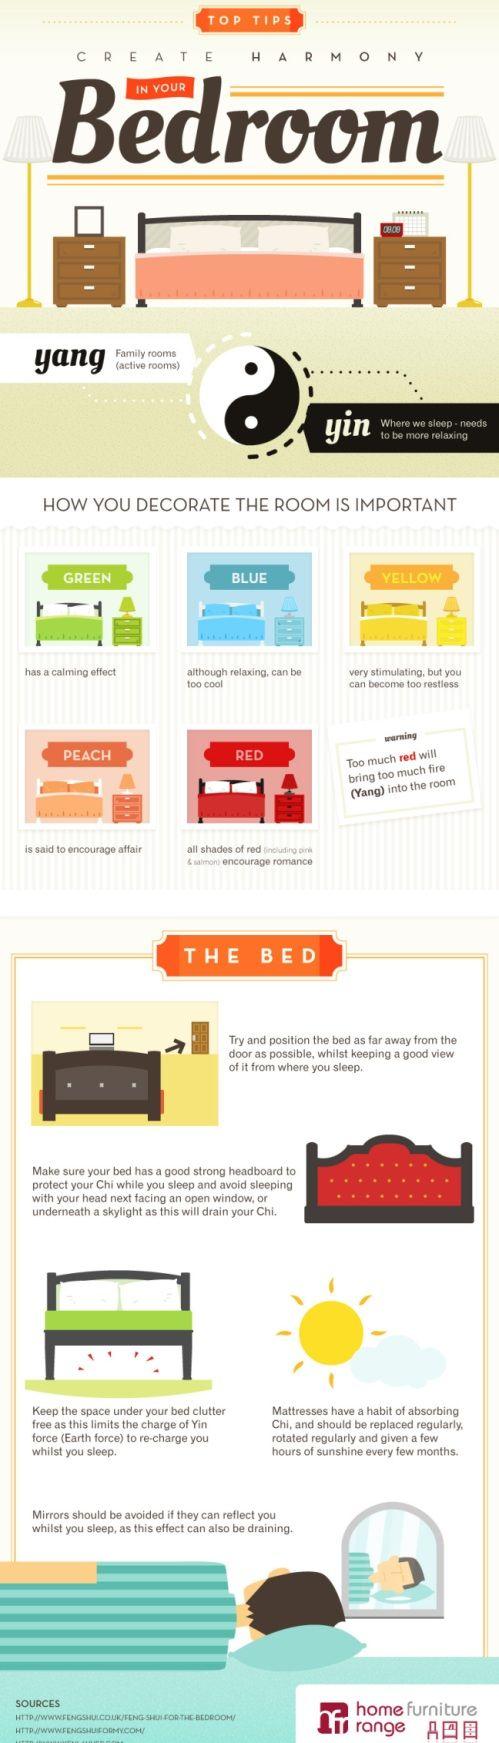 les 21 meilleures images du tableau feng shui sur. Black Bedroom Furniture Sets. Home Design Ideas